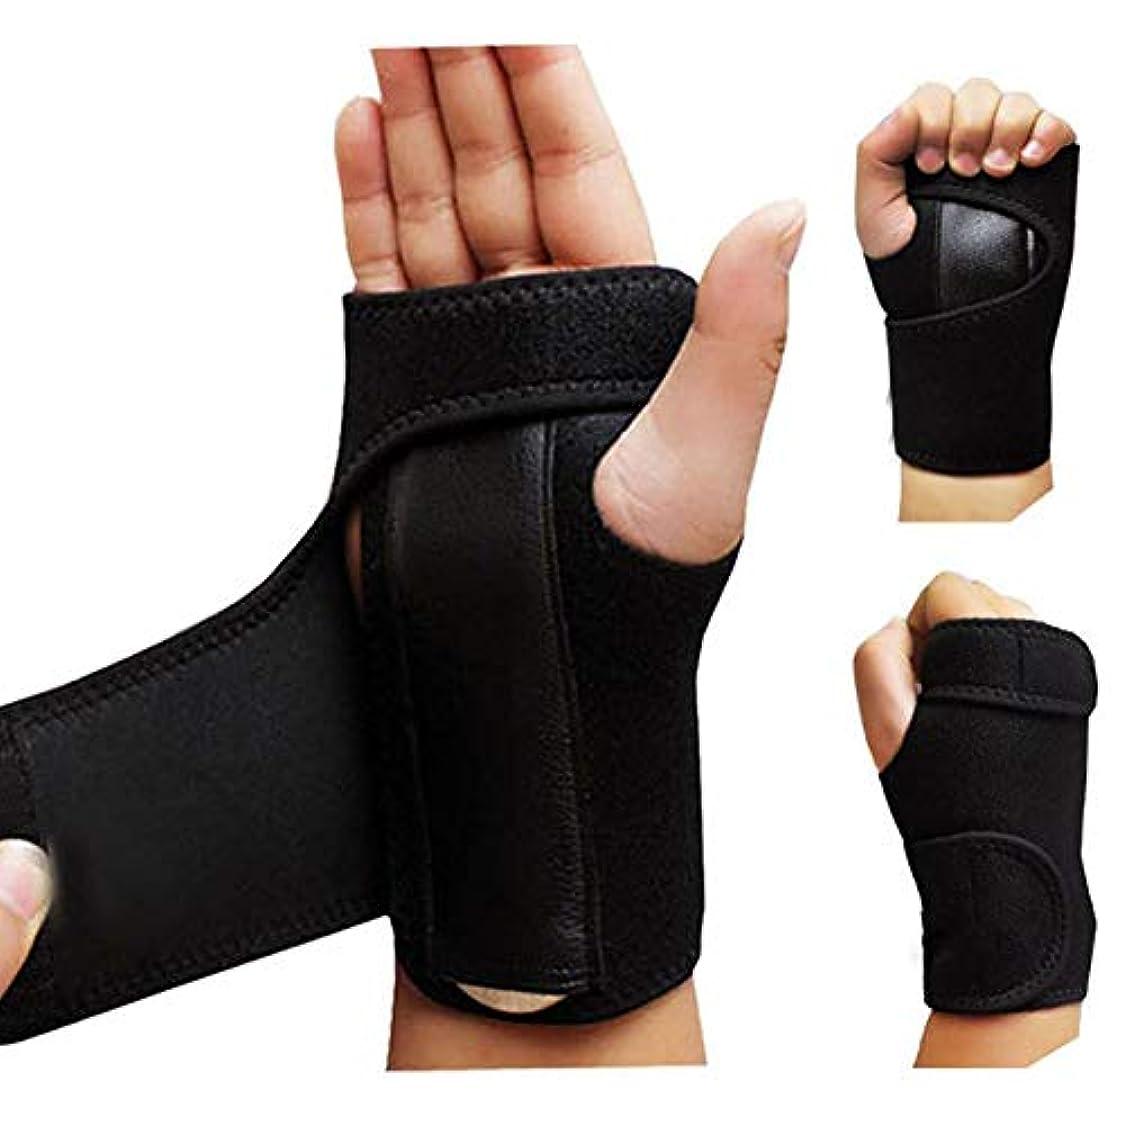 血まみれの創傷危機1個の便利なスプリント捻rain関節炎バンドベルト手根管手首サポートブレースソリッドブラック